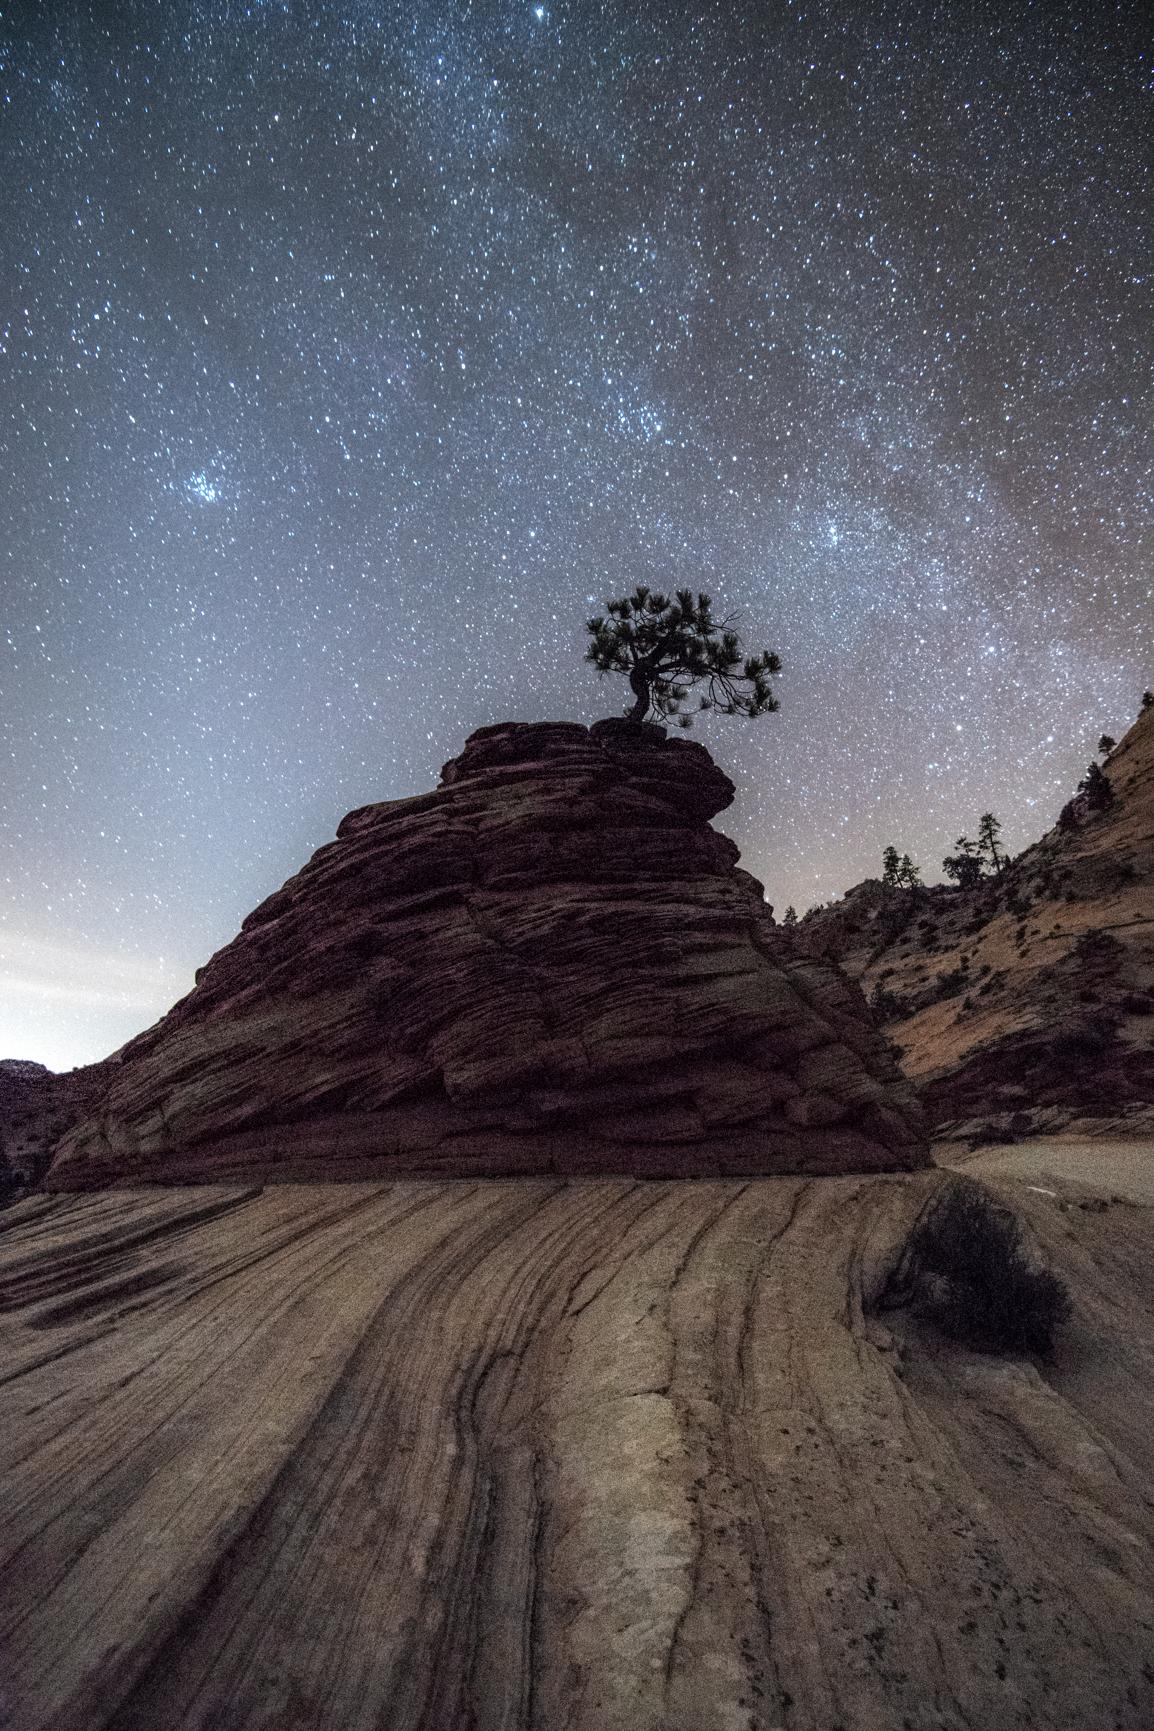 Zion Bonsai Tree with Milky Way